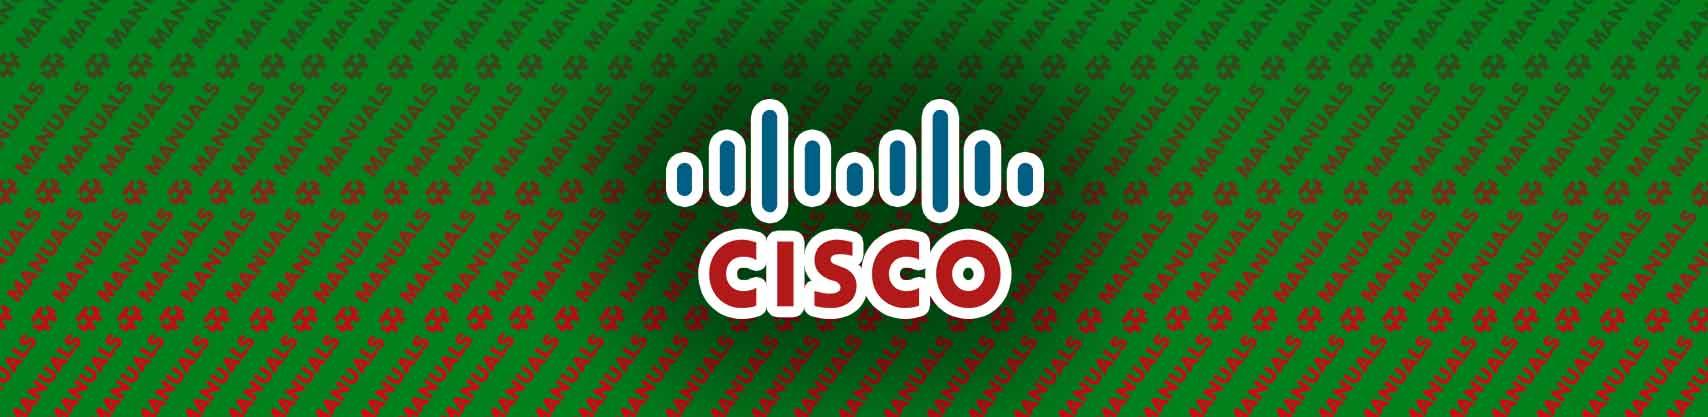 Cisco SG200-26 Manual